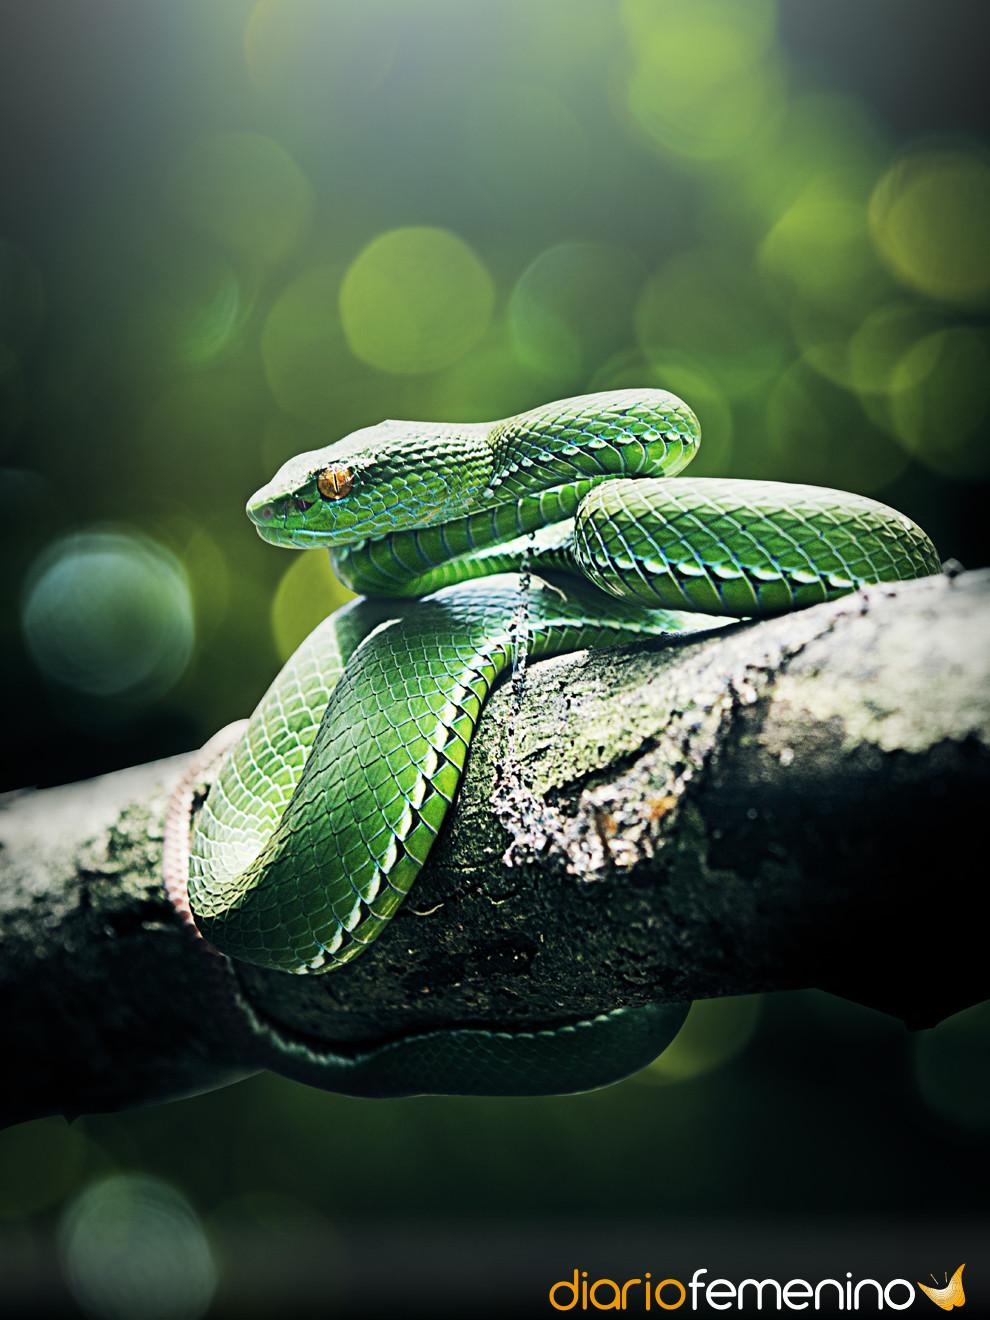 Soñar con serpiente puede traer buena suerte